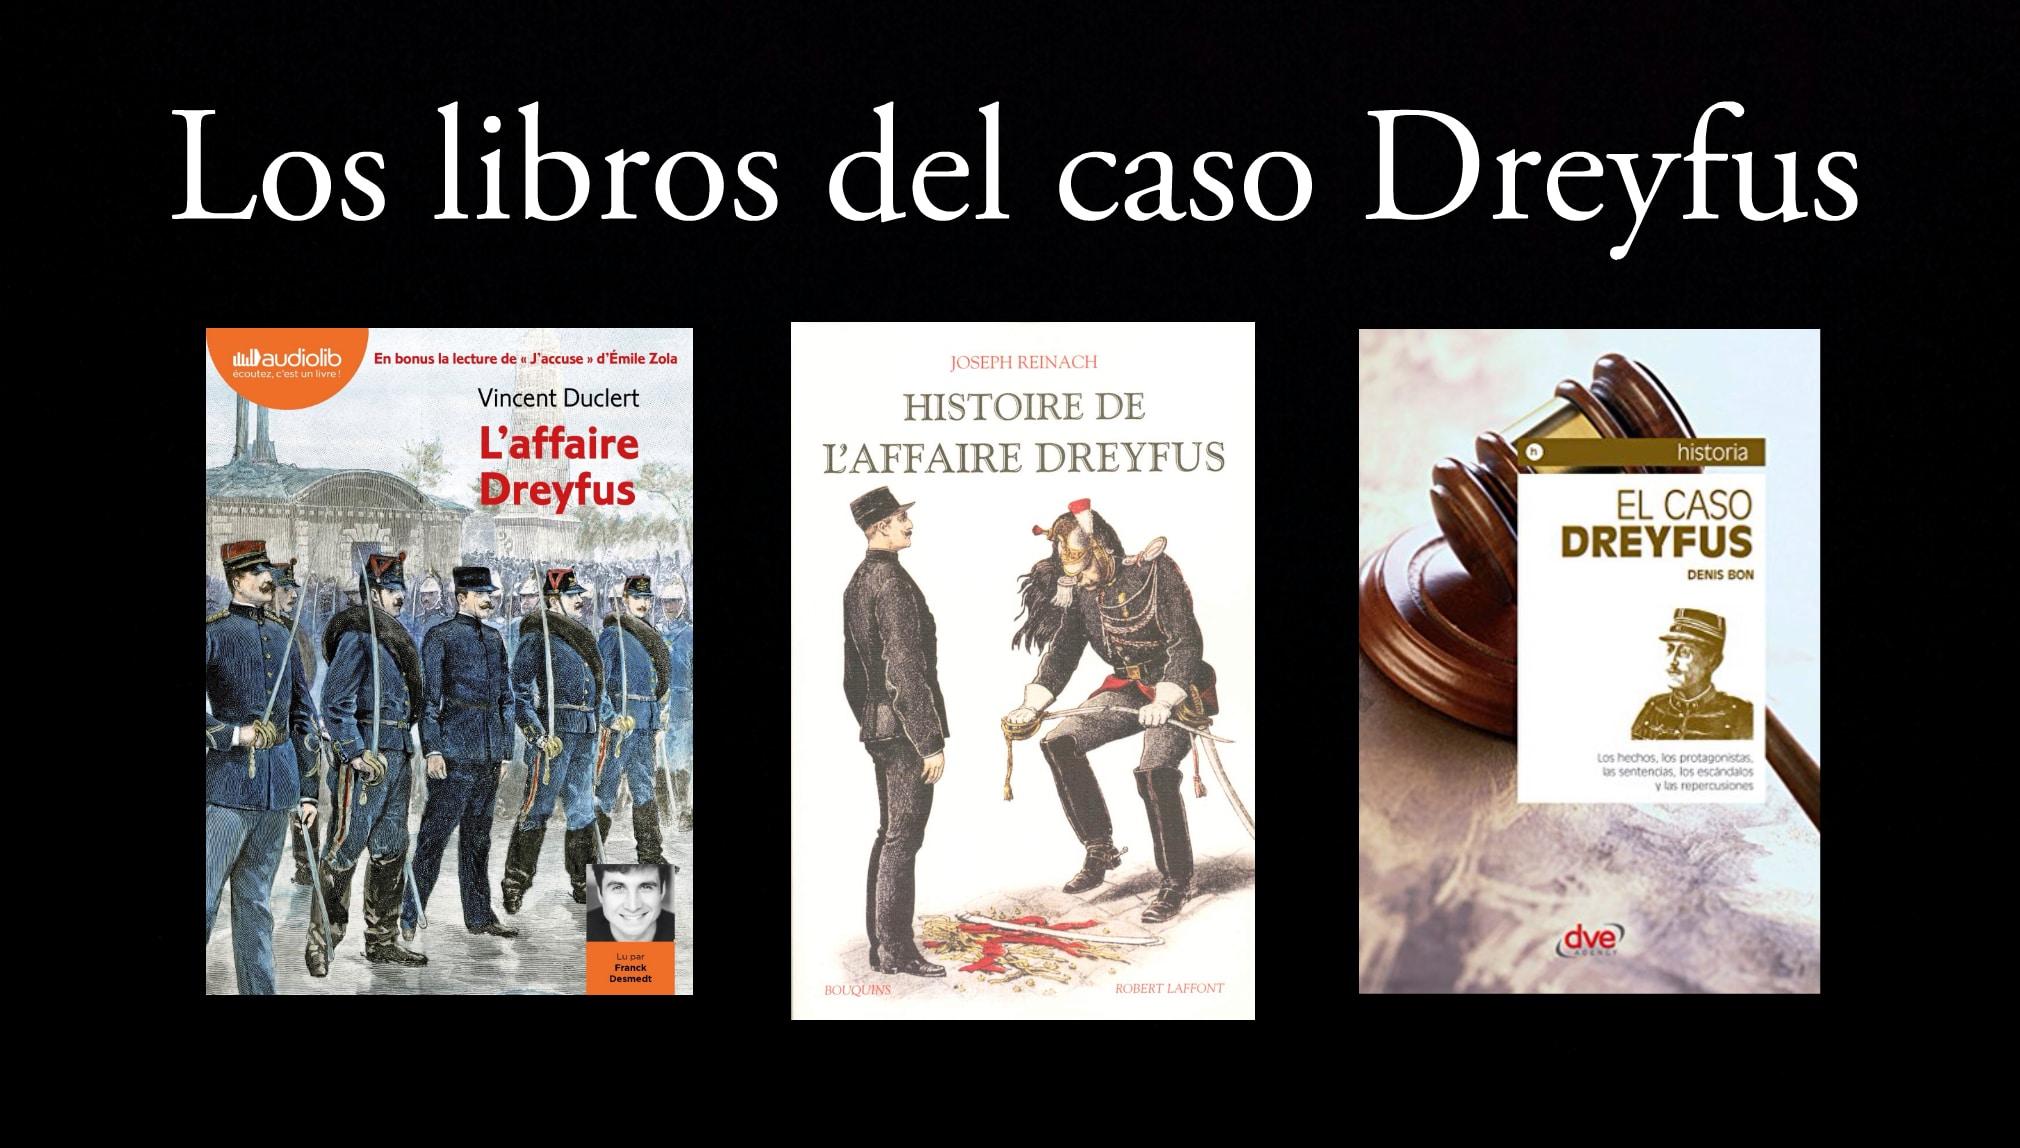 Los libros del caso Dreyfus.